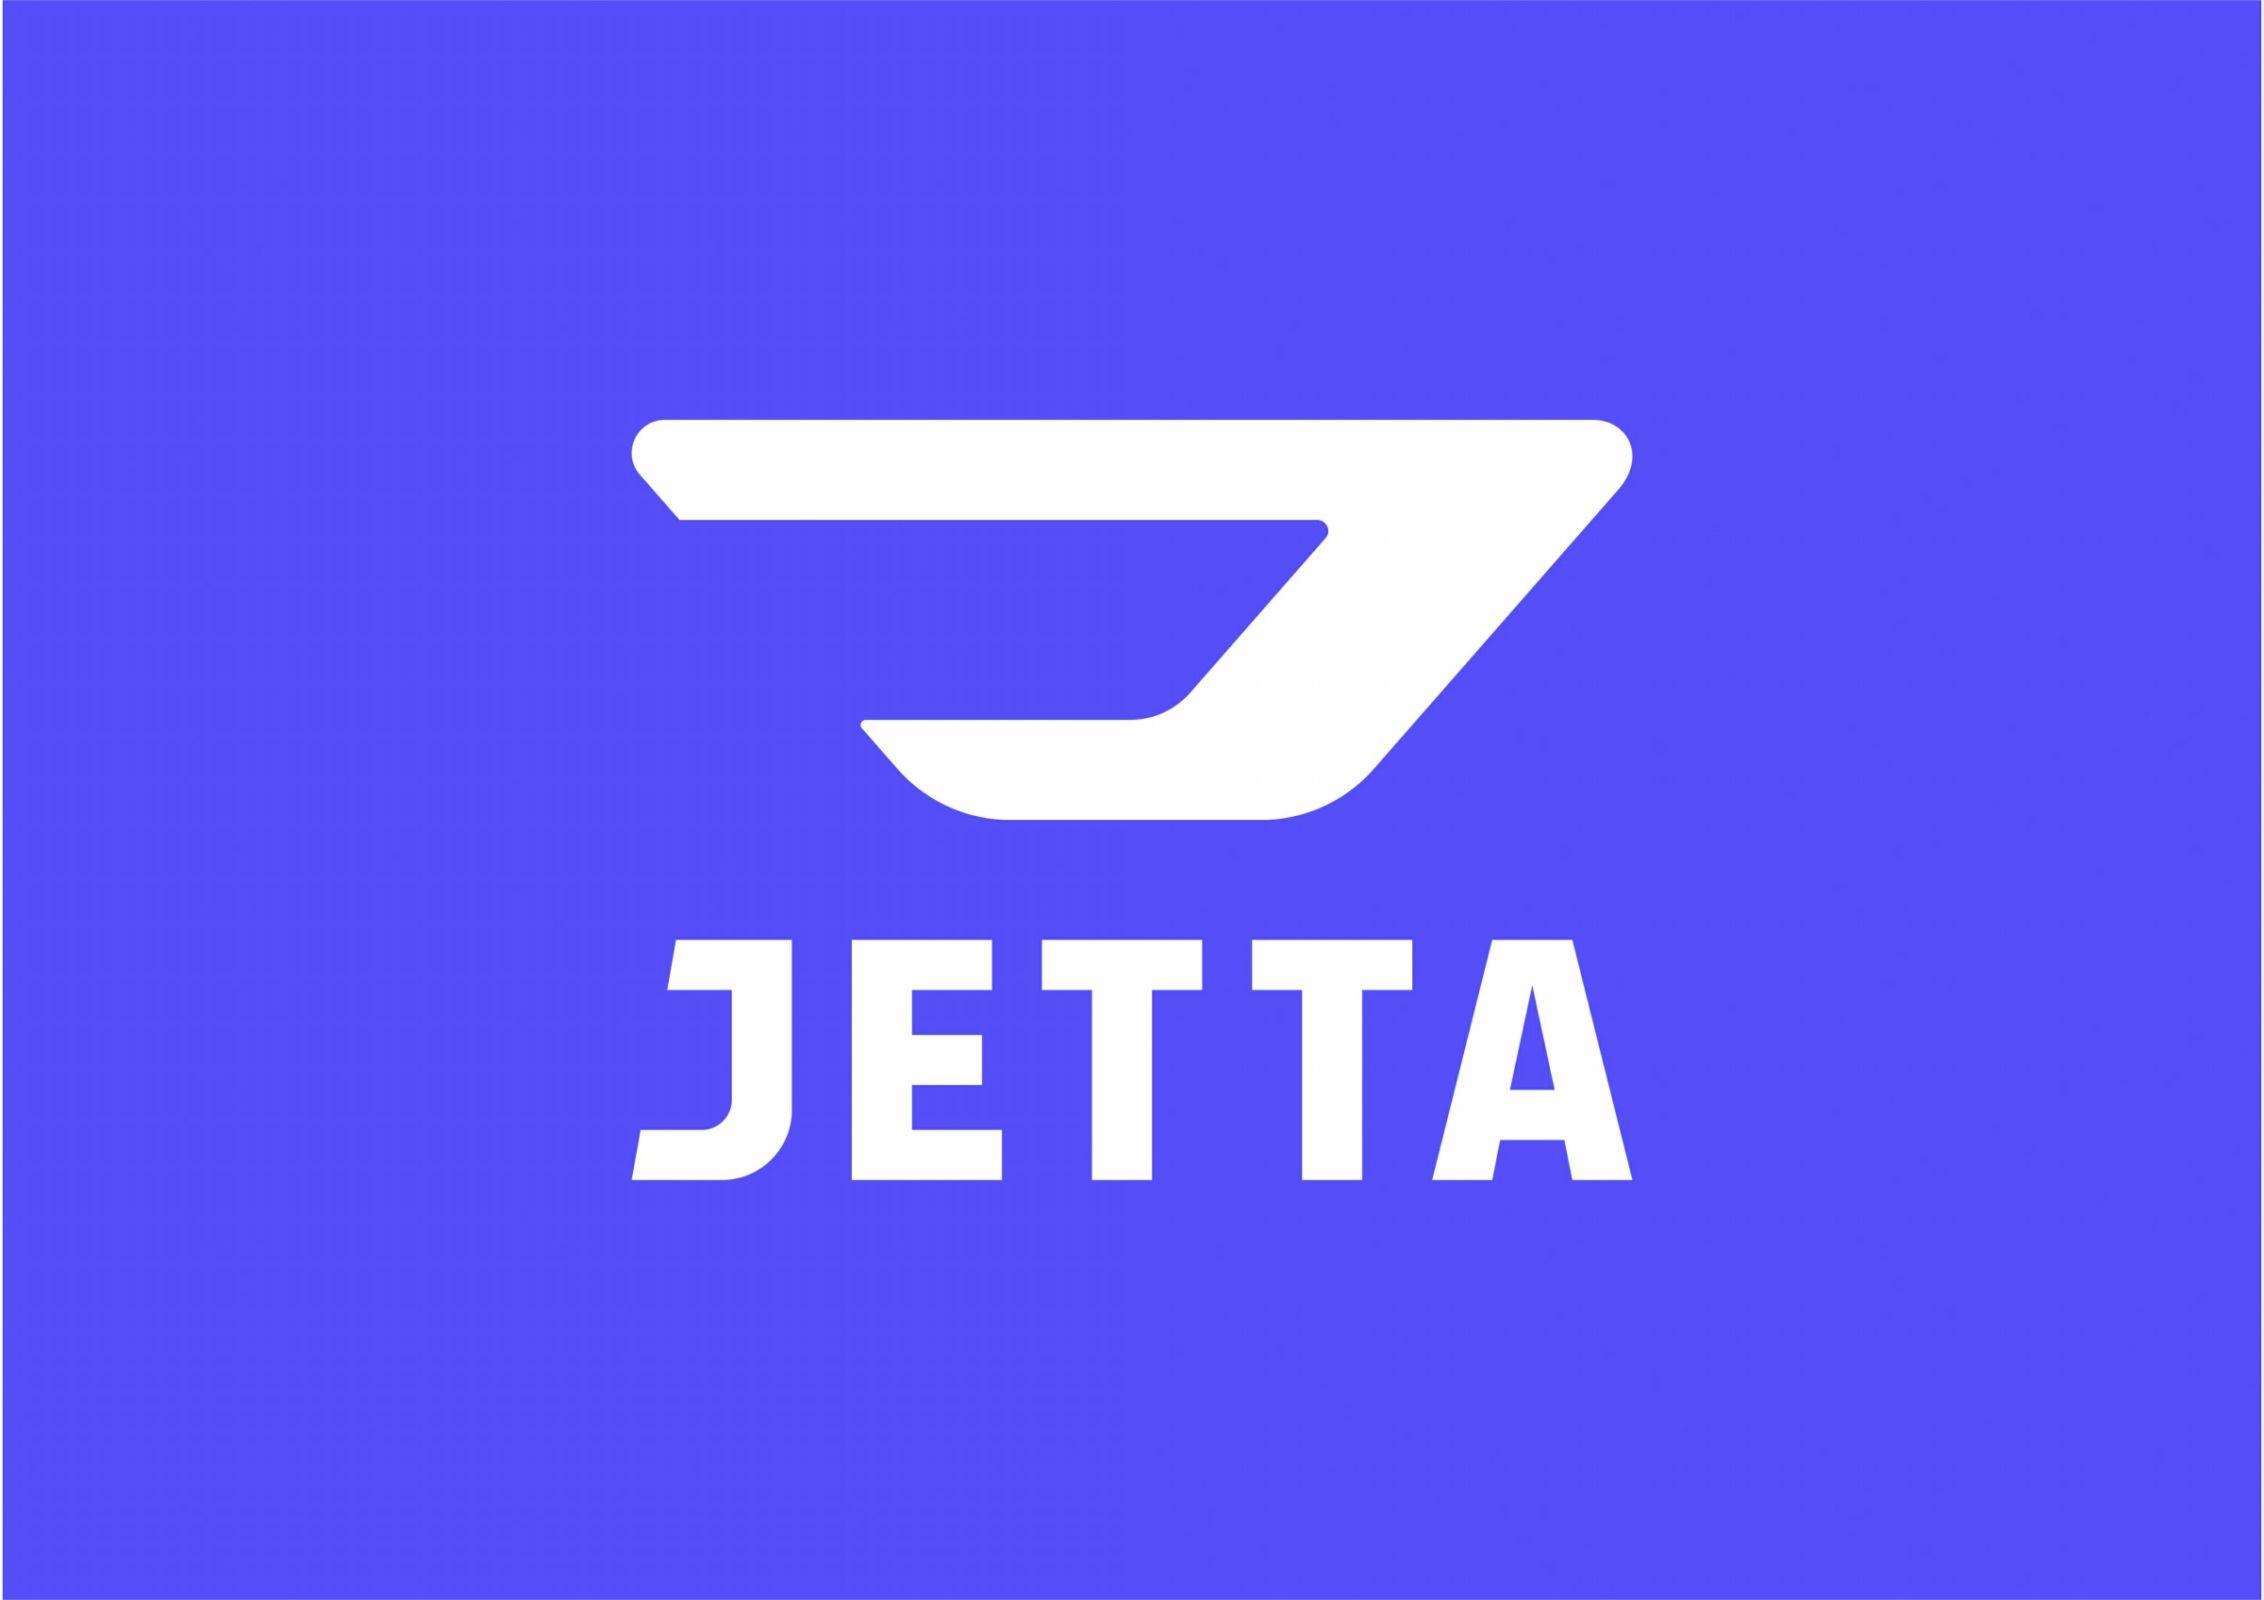 Jetta virou marca da Volkswagen, e estreou durante o Salão do Automóvel de Xangai com um sedã e dois SUVs em gama voltada para o mercado de entrada.